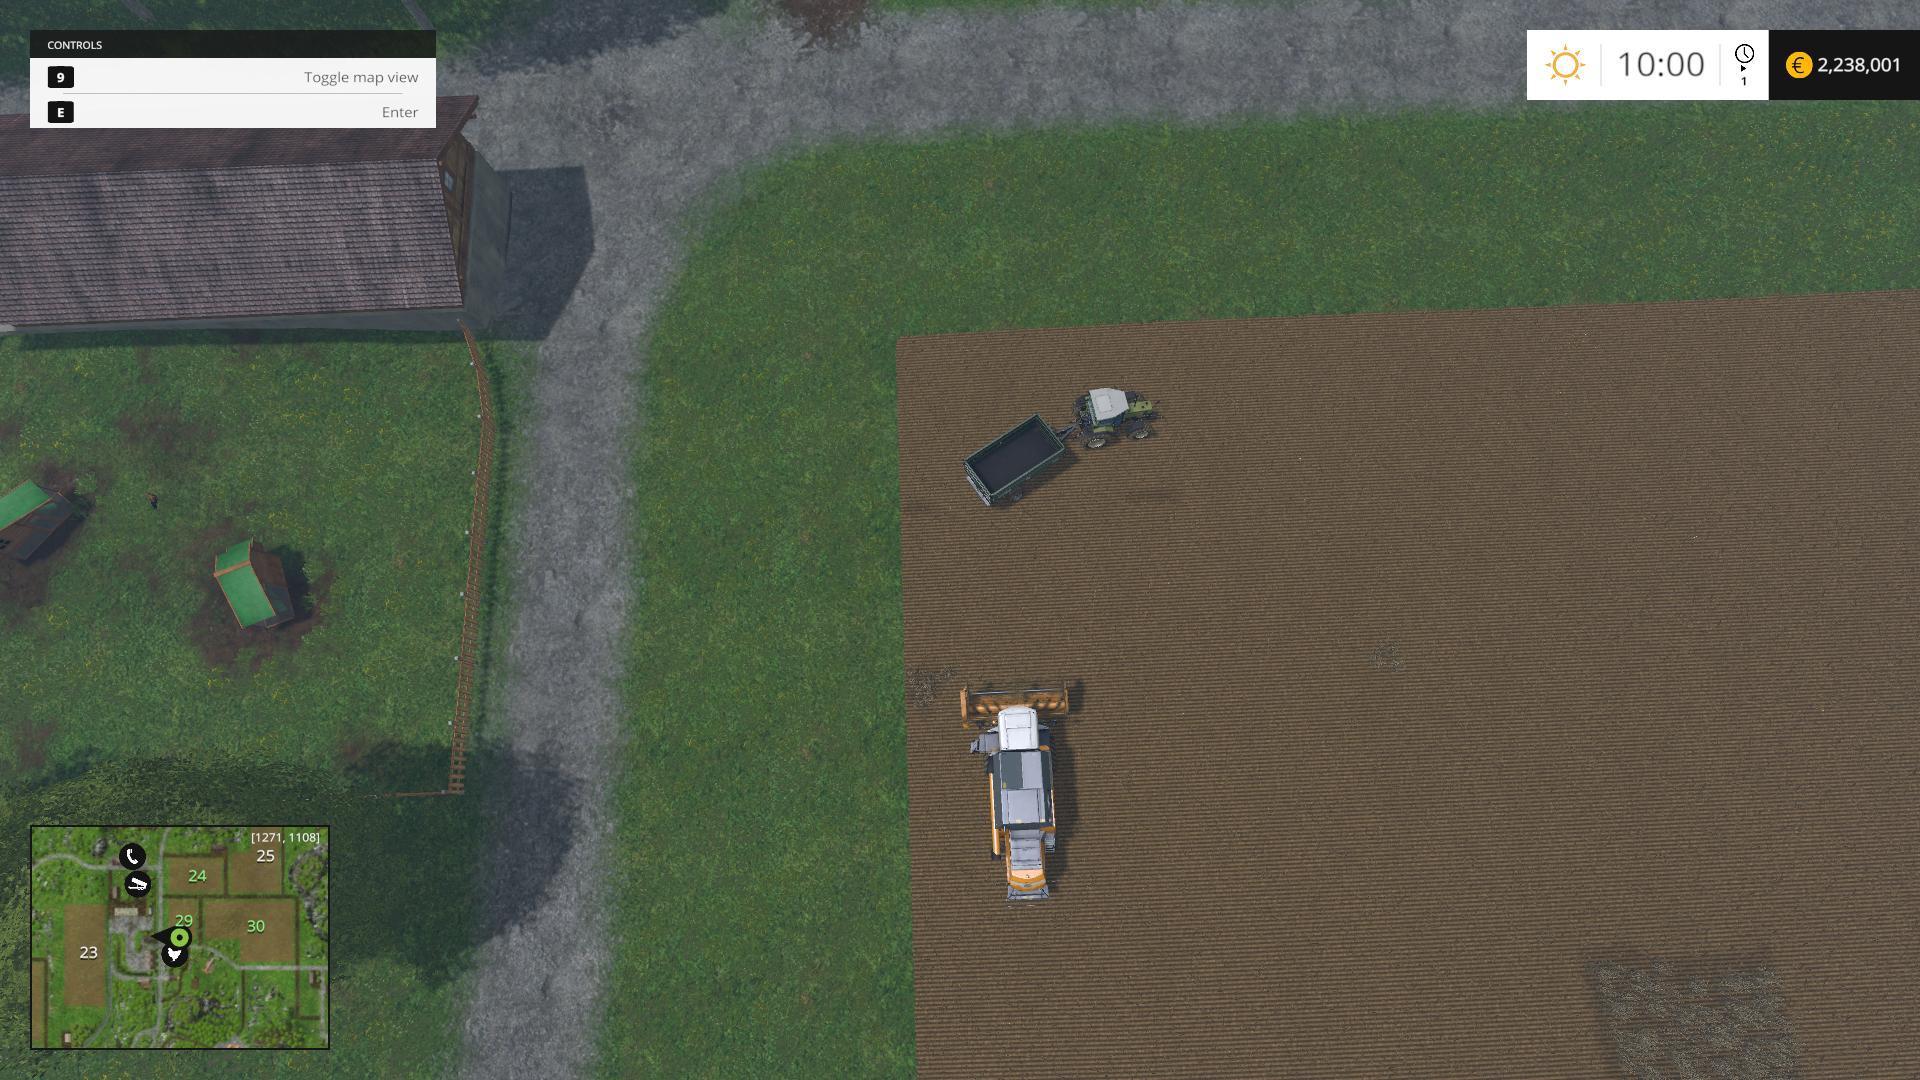 CAMERA V1 0 MOD - Farming simulator 2019 / 2017 / 2015 Mod